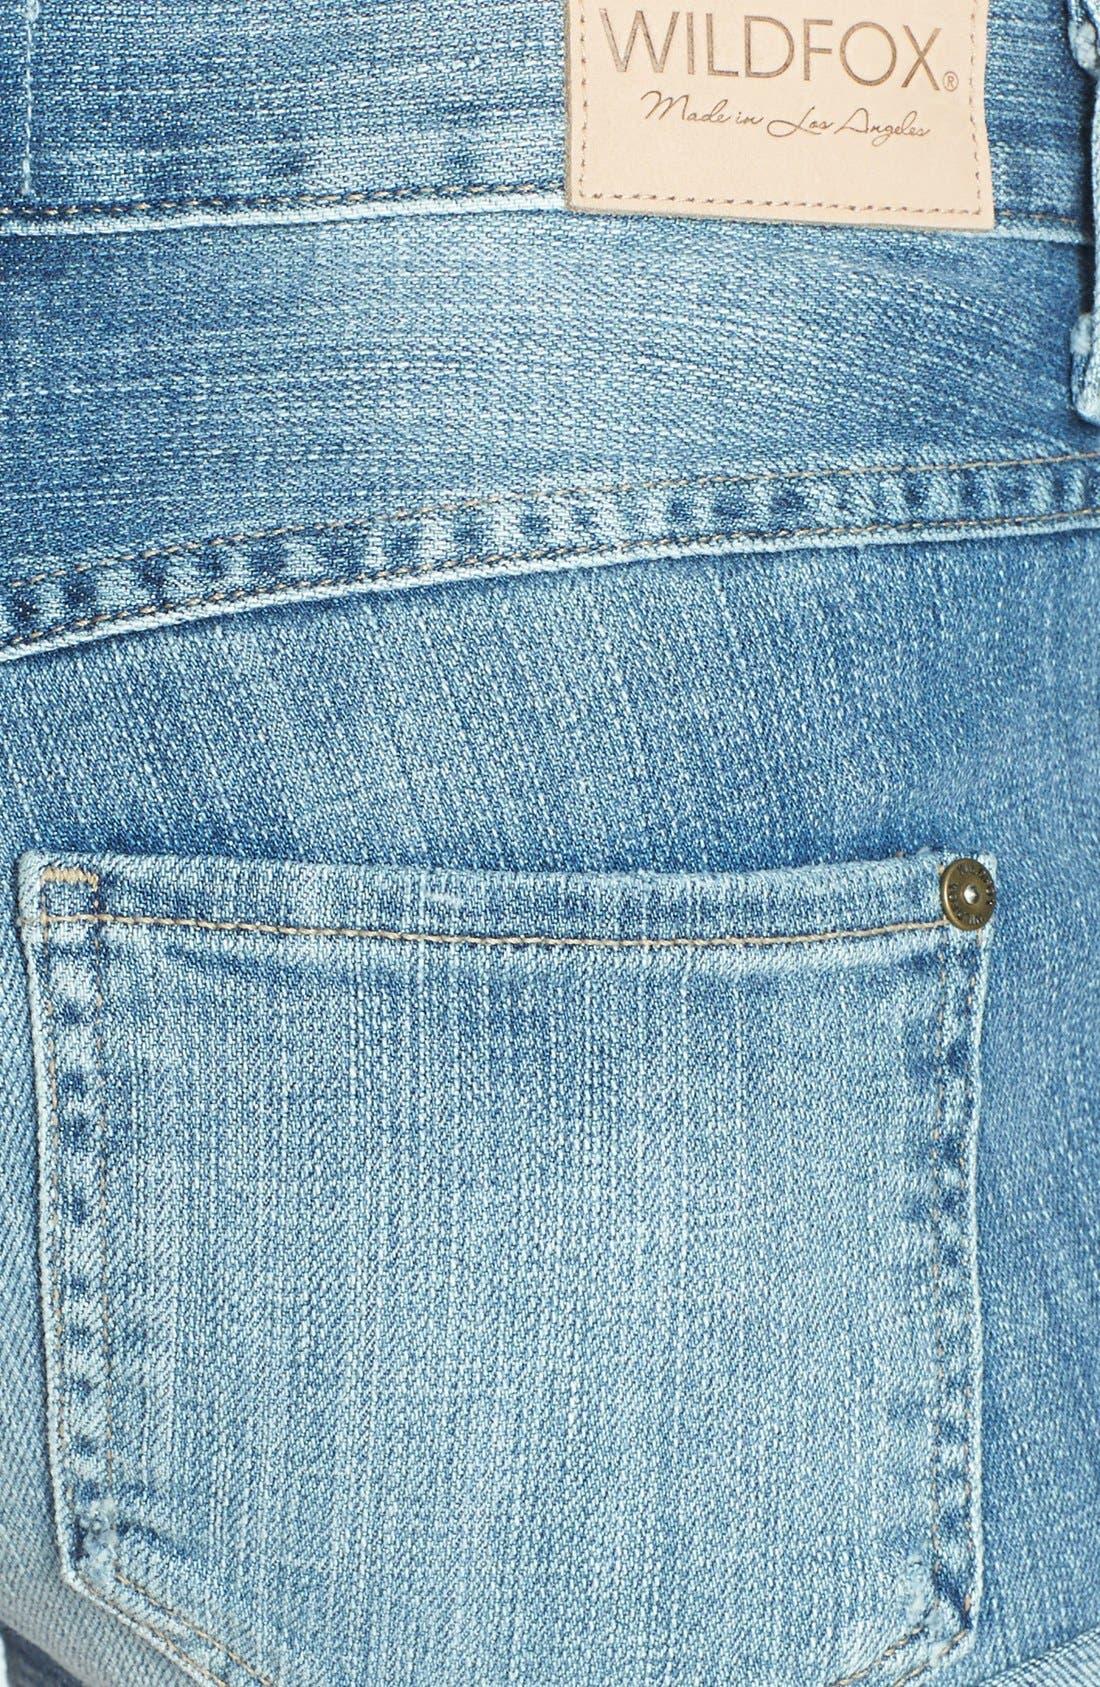 Alternate Image 3  - Wildfox 'Michelle' Cutoff Denim Shorts (Taken)